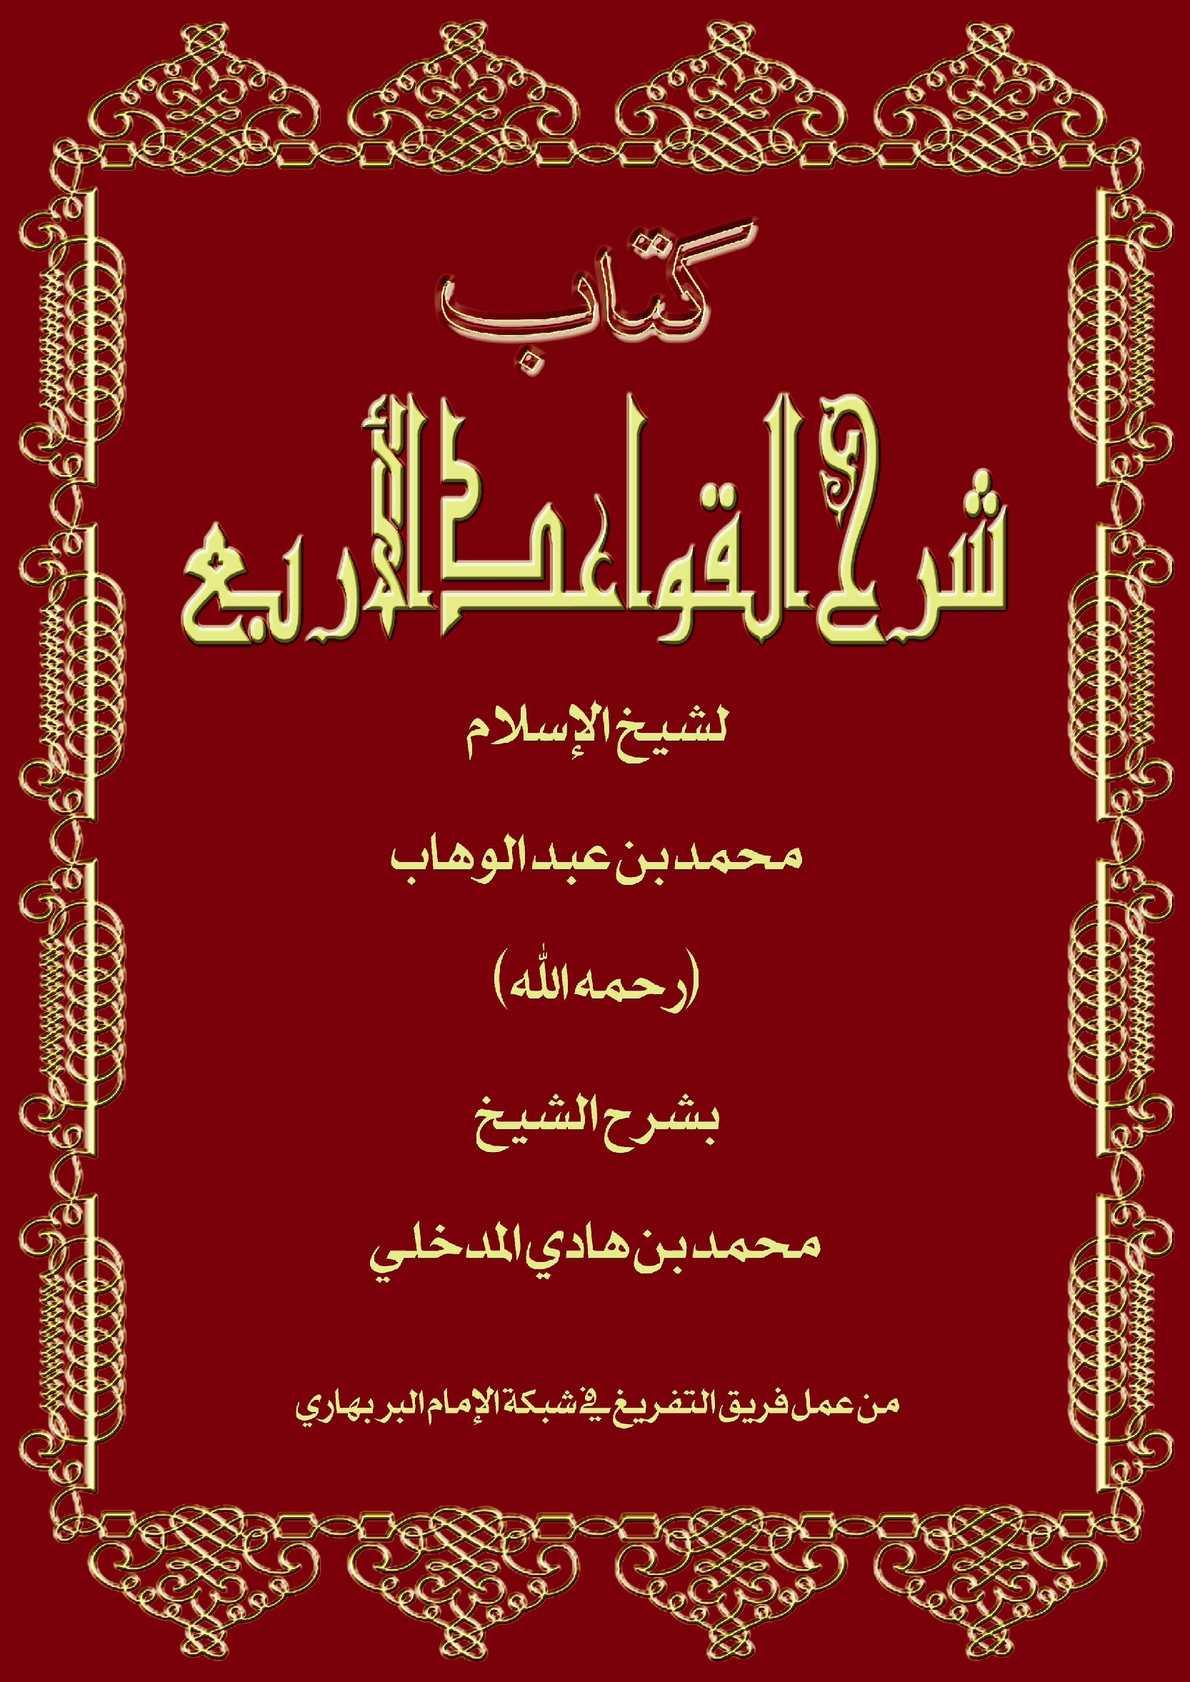 شرح القواعد الأربع للشيخ محمد بن هادي المدخلي حفظه الله .